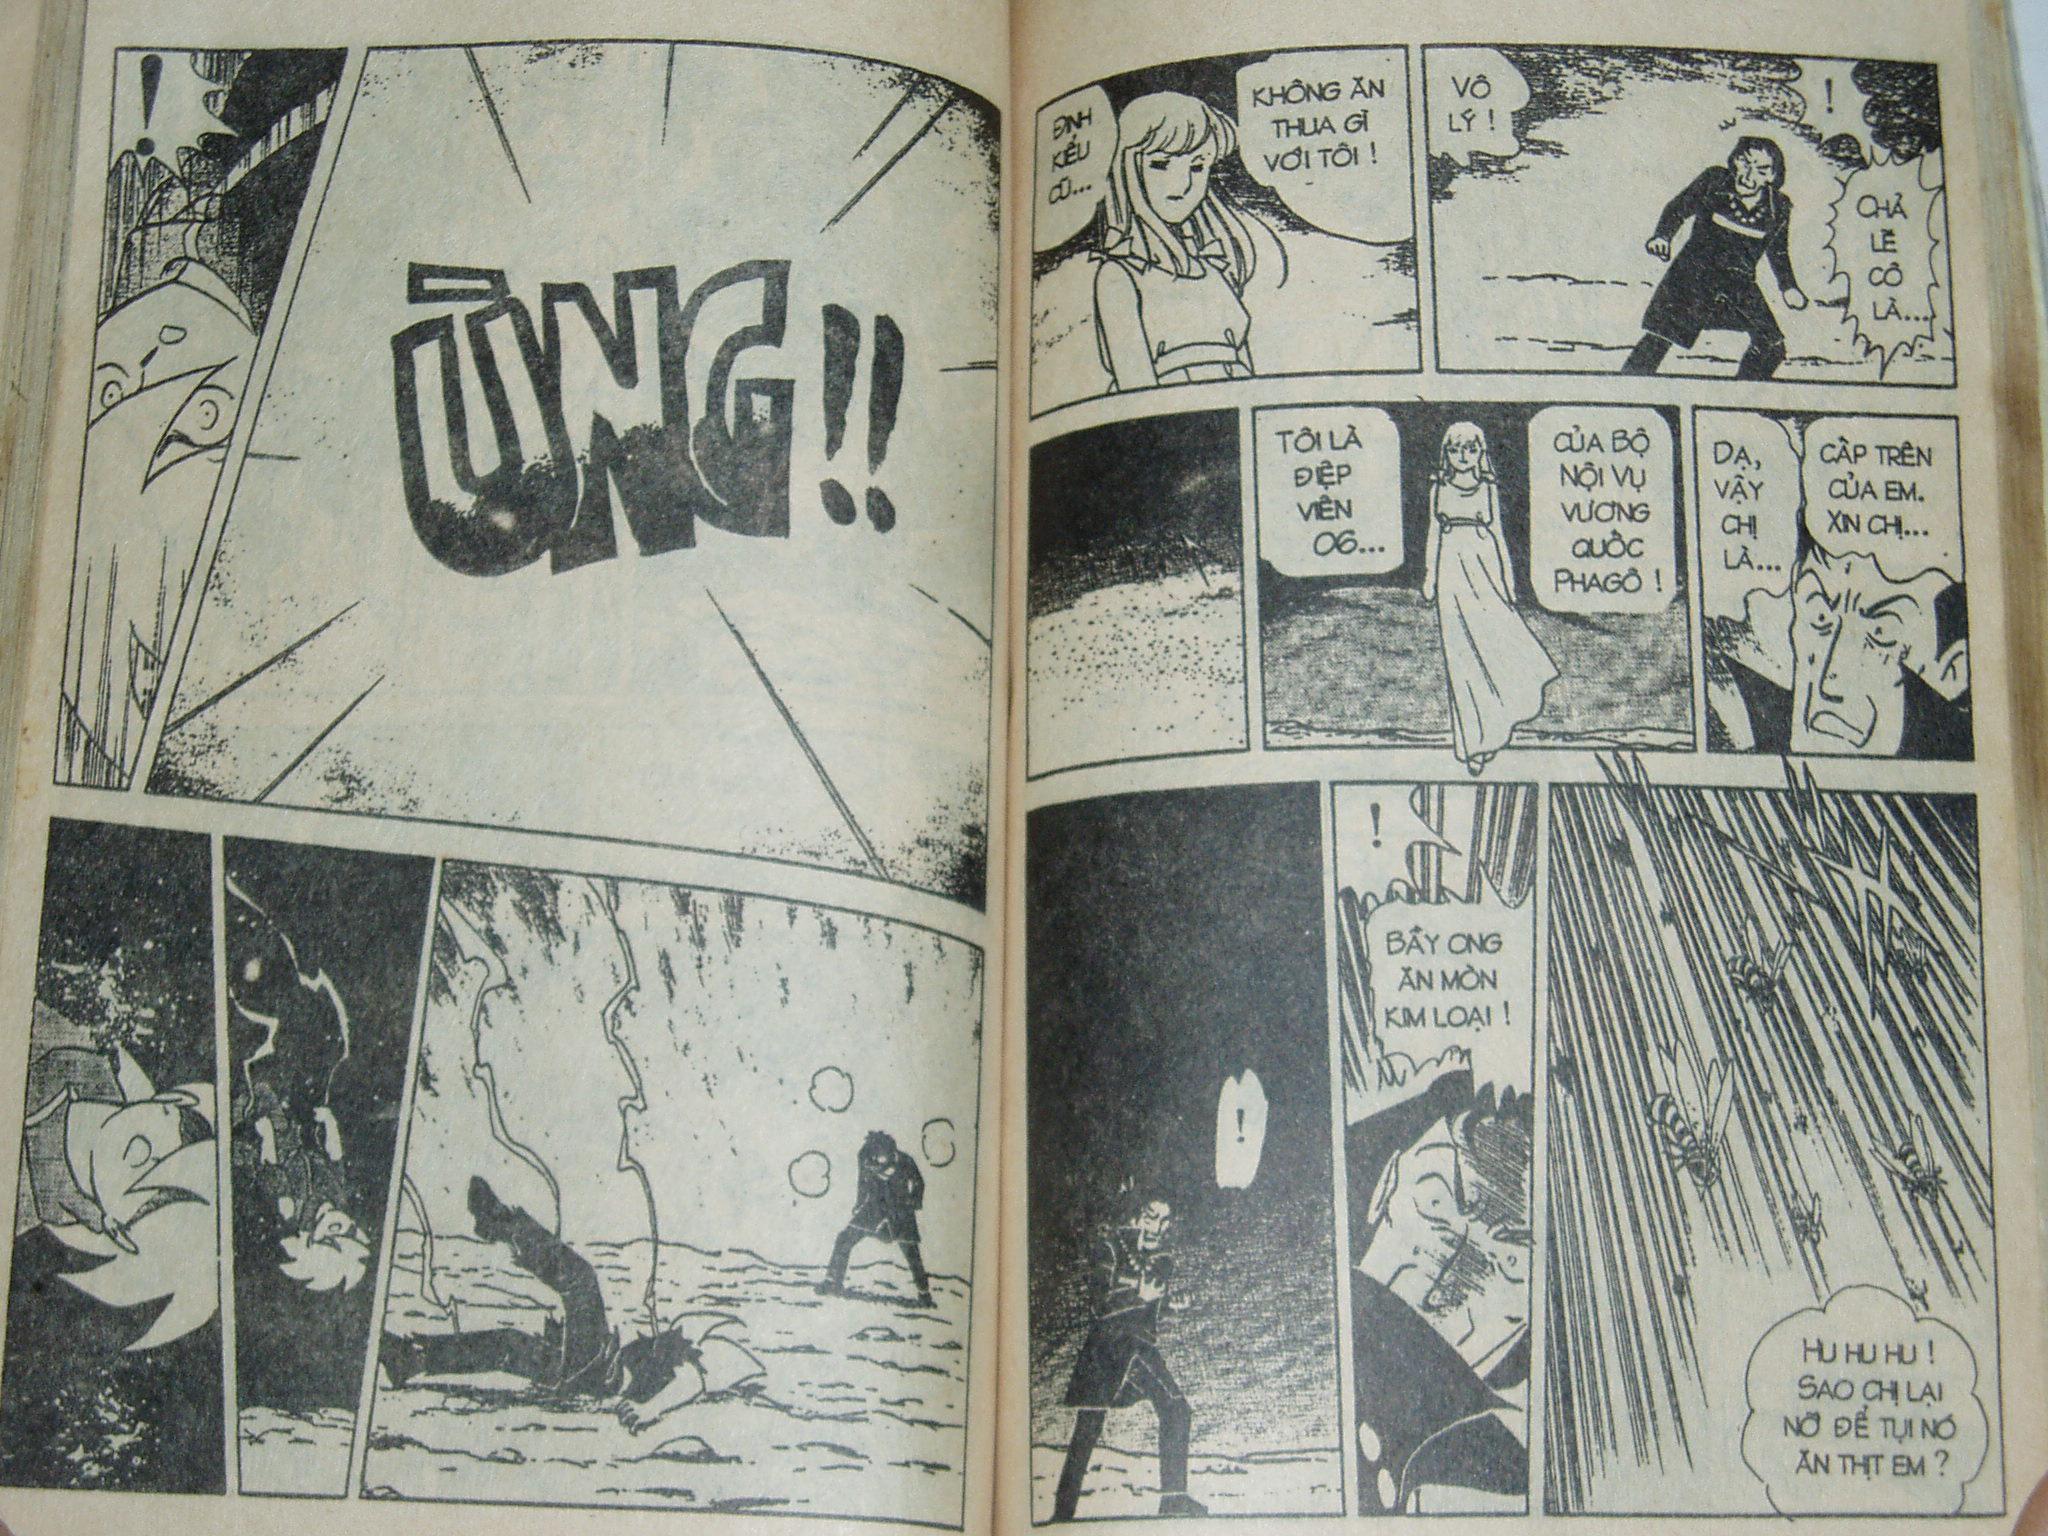 Siêu nhân Locke vol 18 trang 48